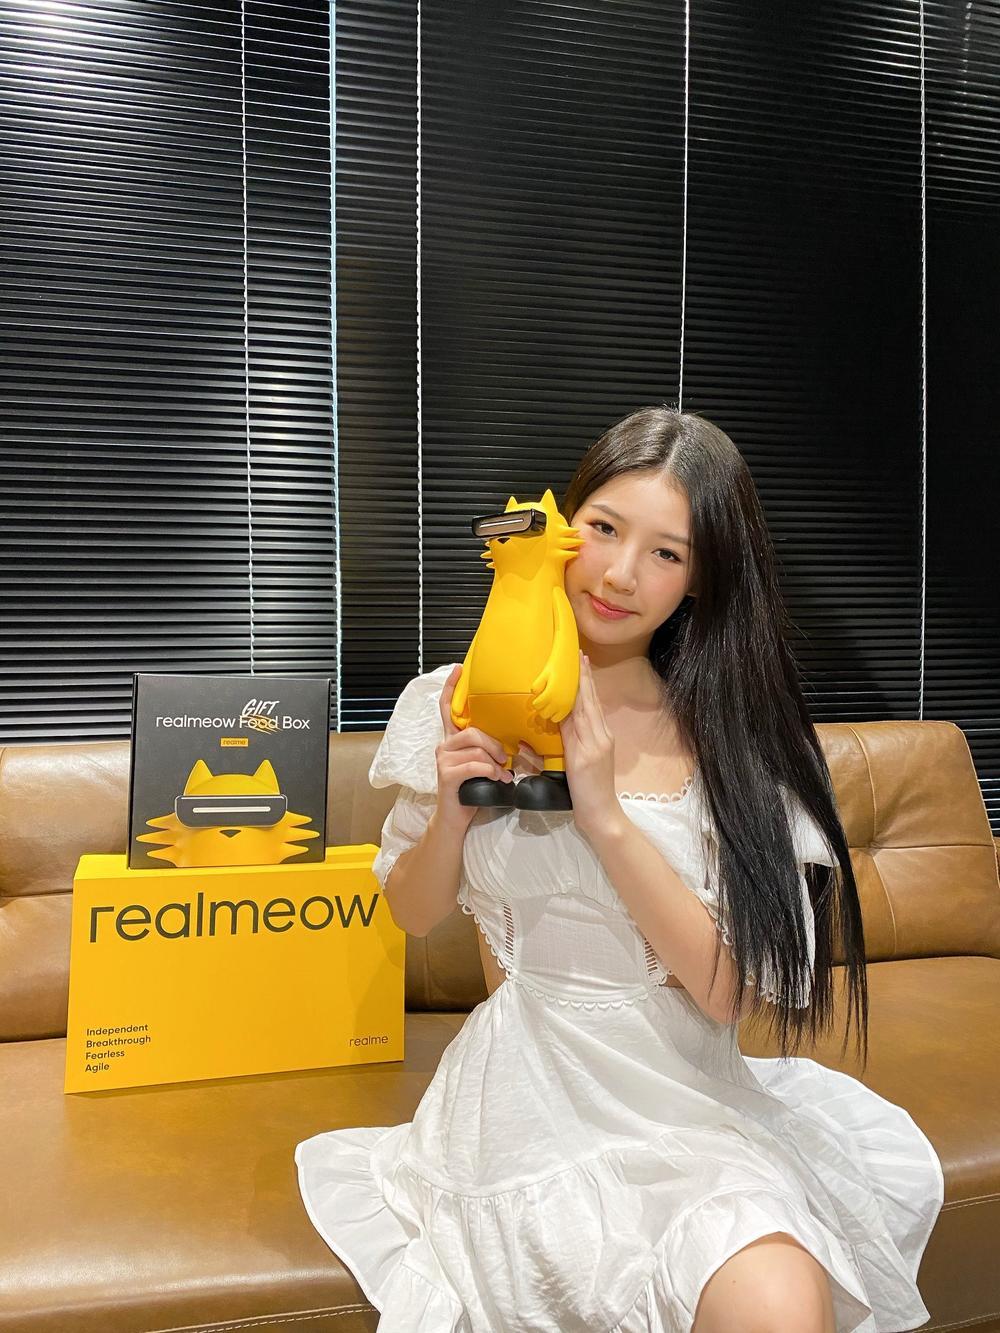 Ca sĩ ISSAC, Amee thích thú với linh vật của Realme: chú mèo tạo xu hướng Realmeow Ảnh 2